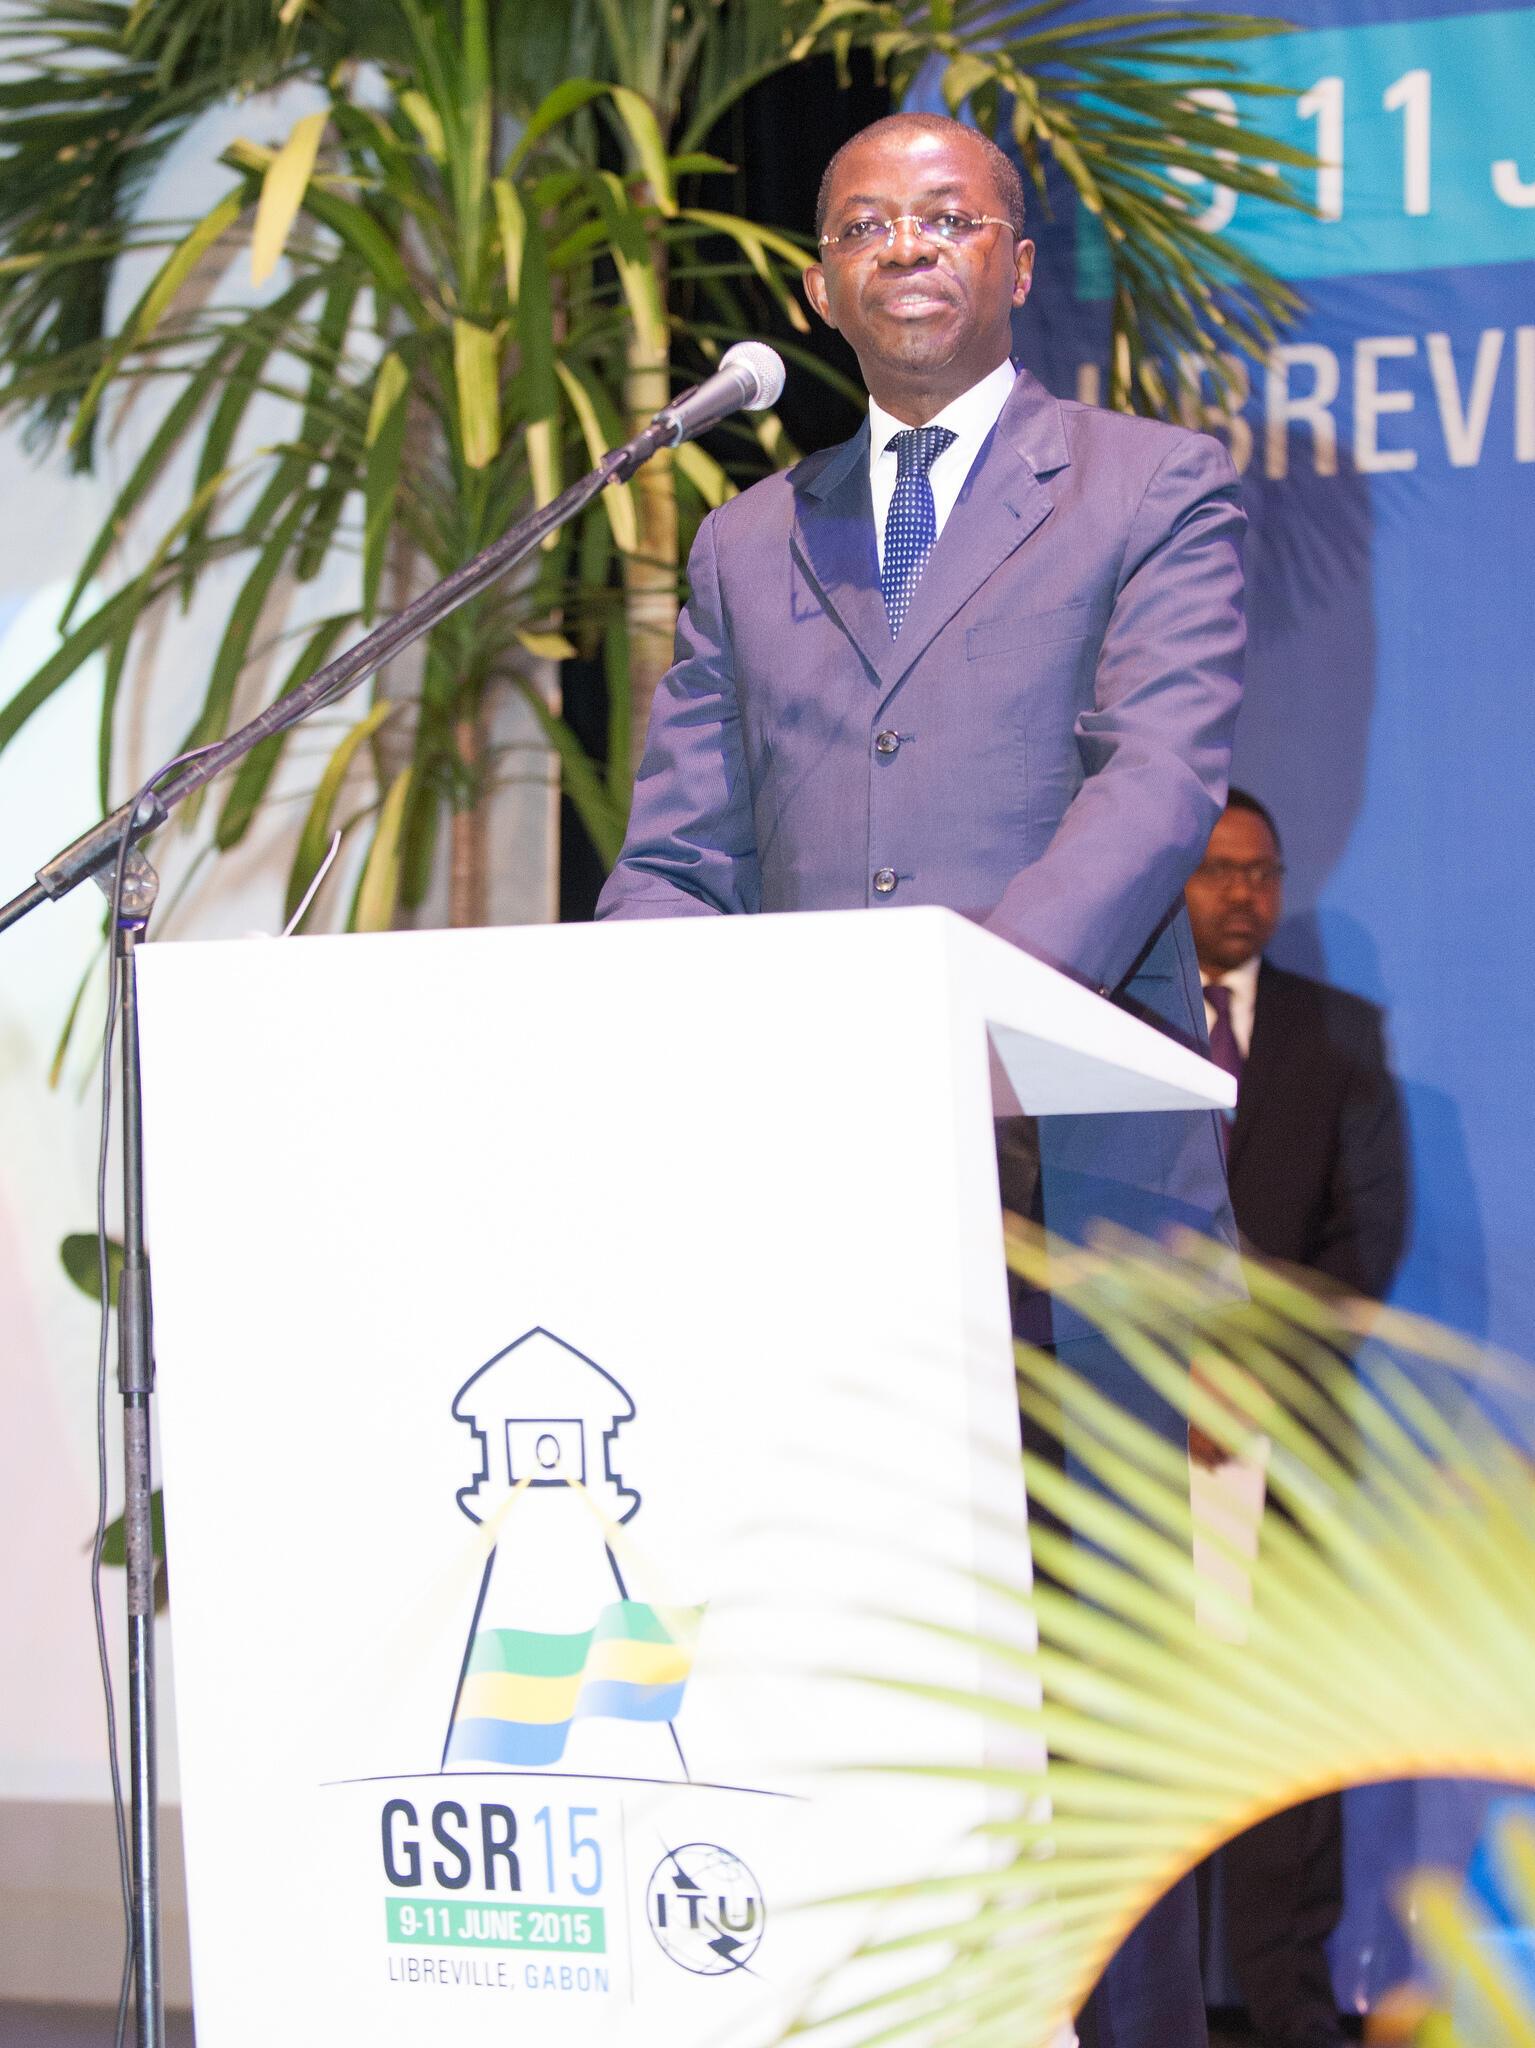 Séraphin Moundounga demitiu-se ontem do posto de ministro da Justiça